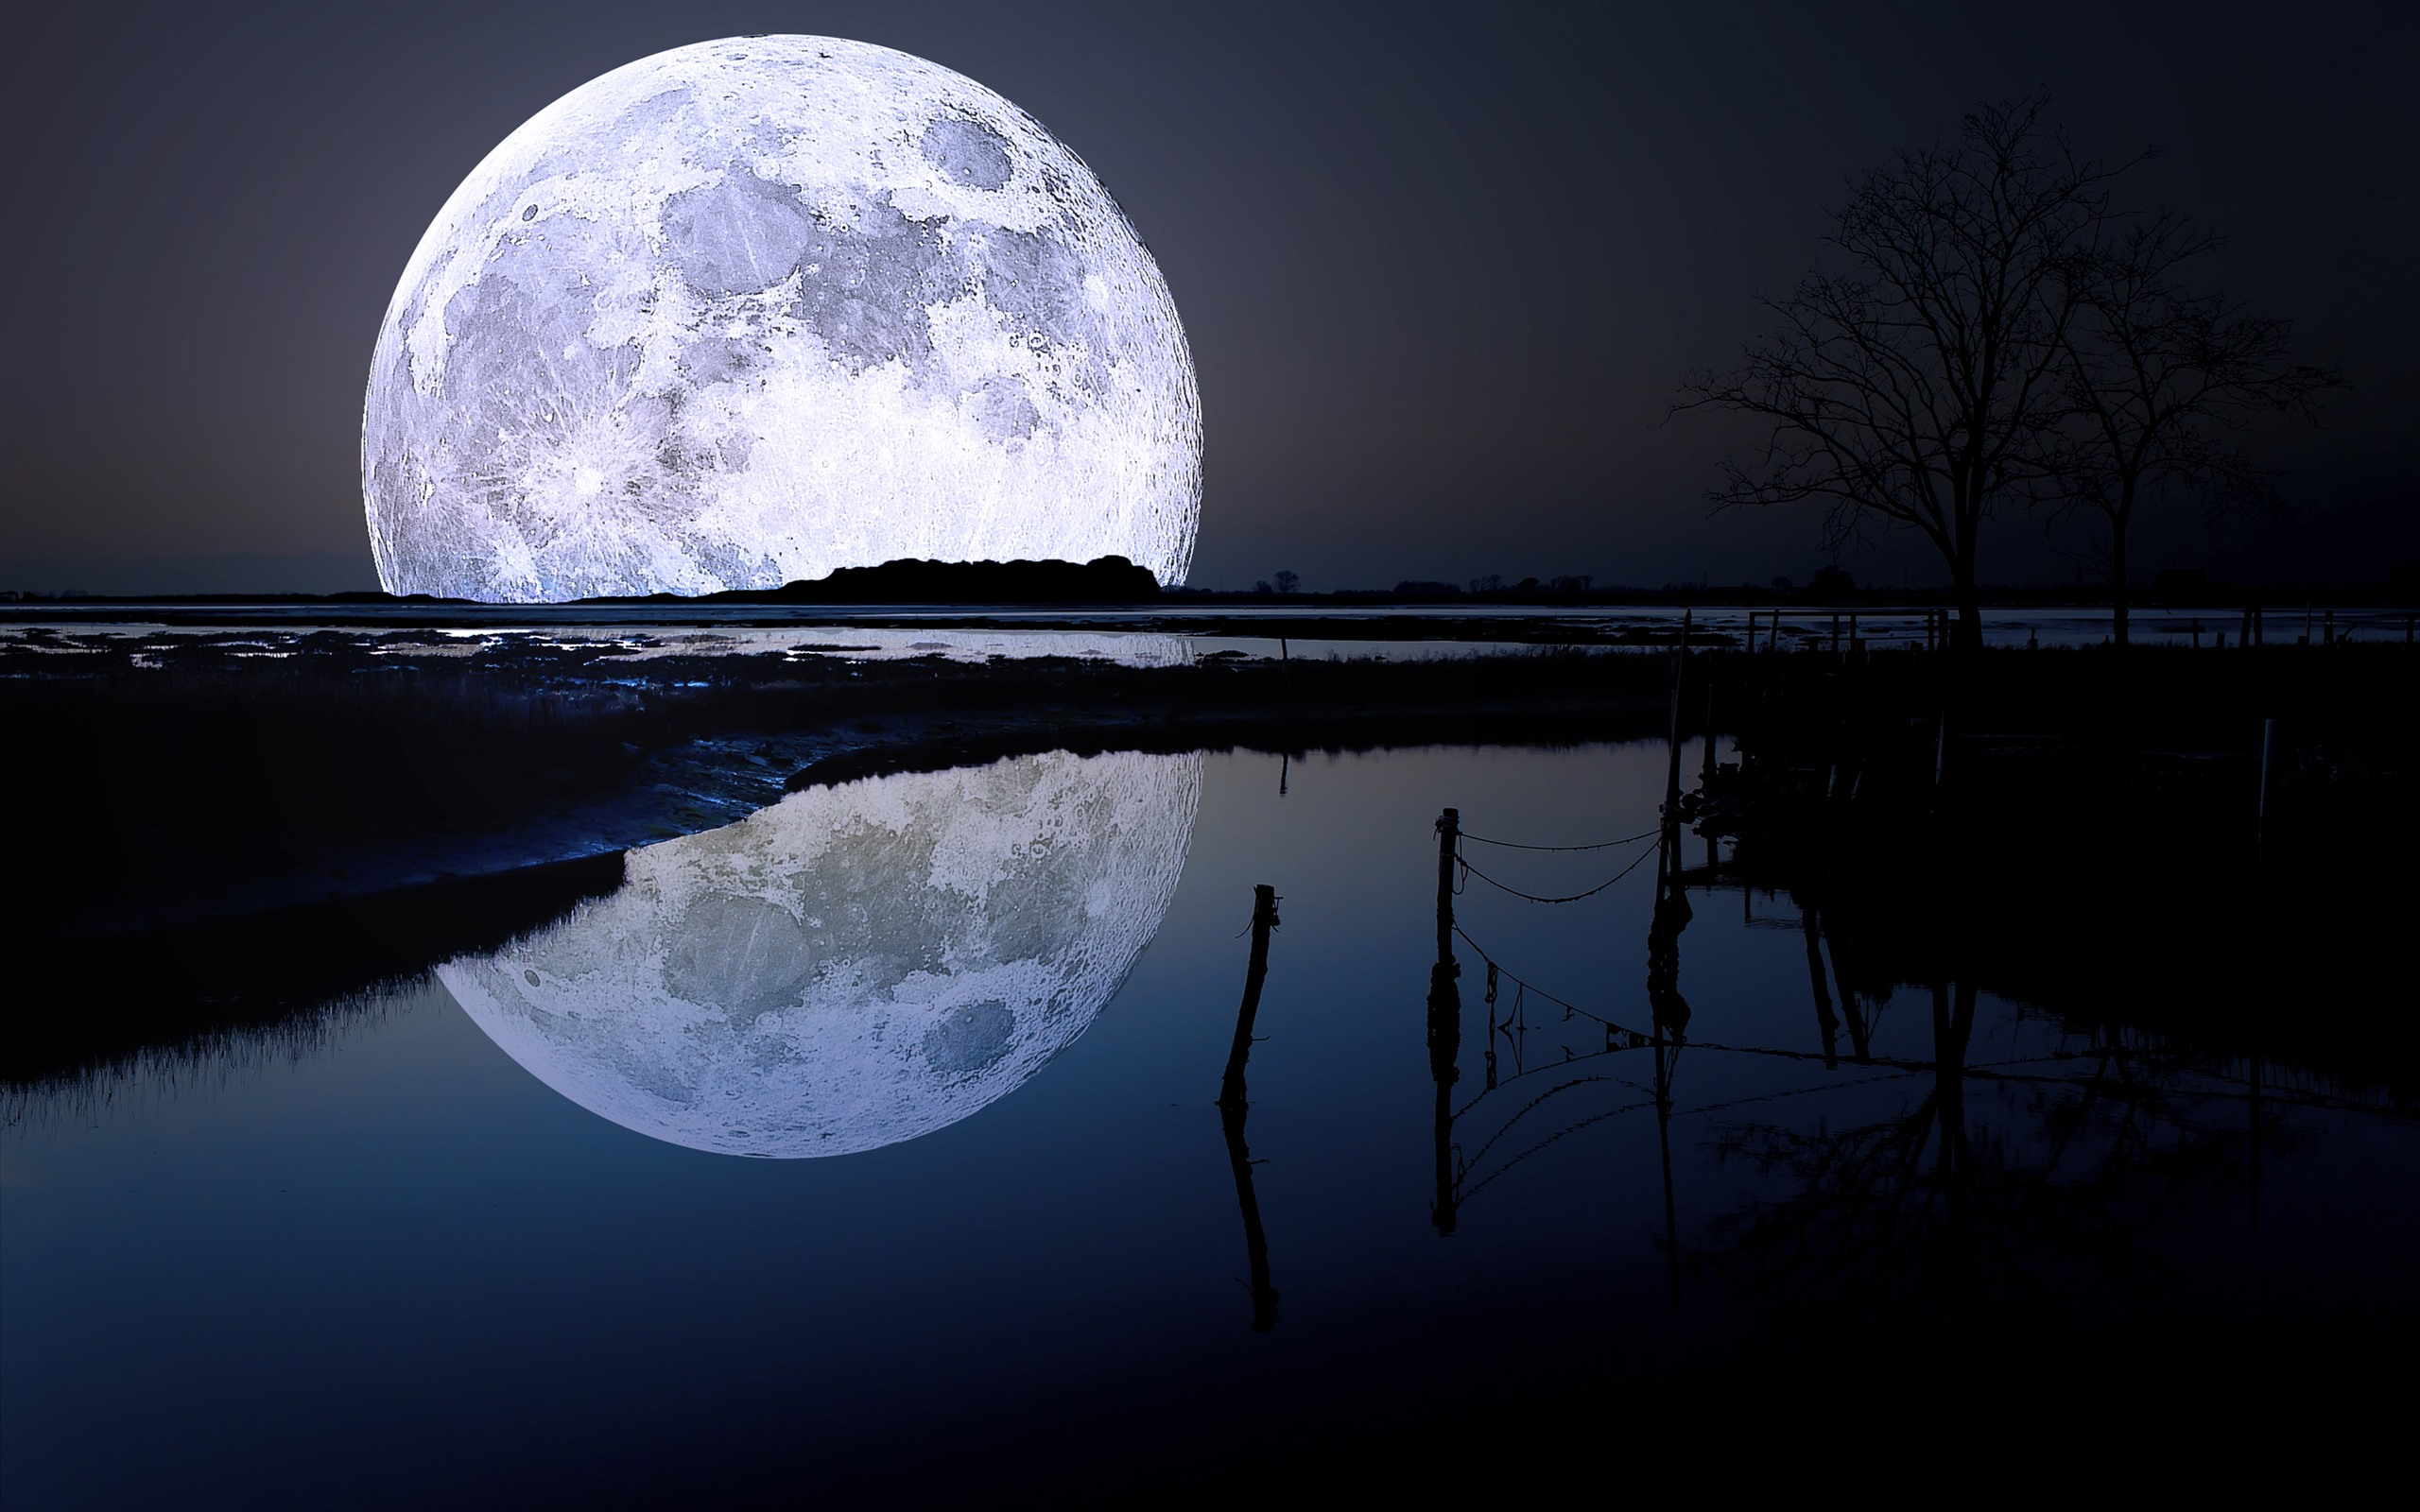 крутятся, дверки отражение ночи картинки малыш